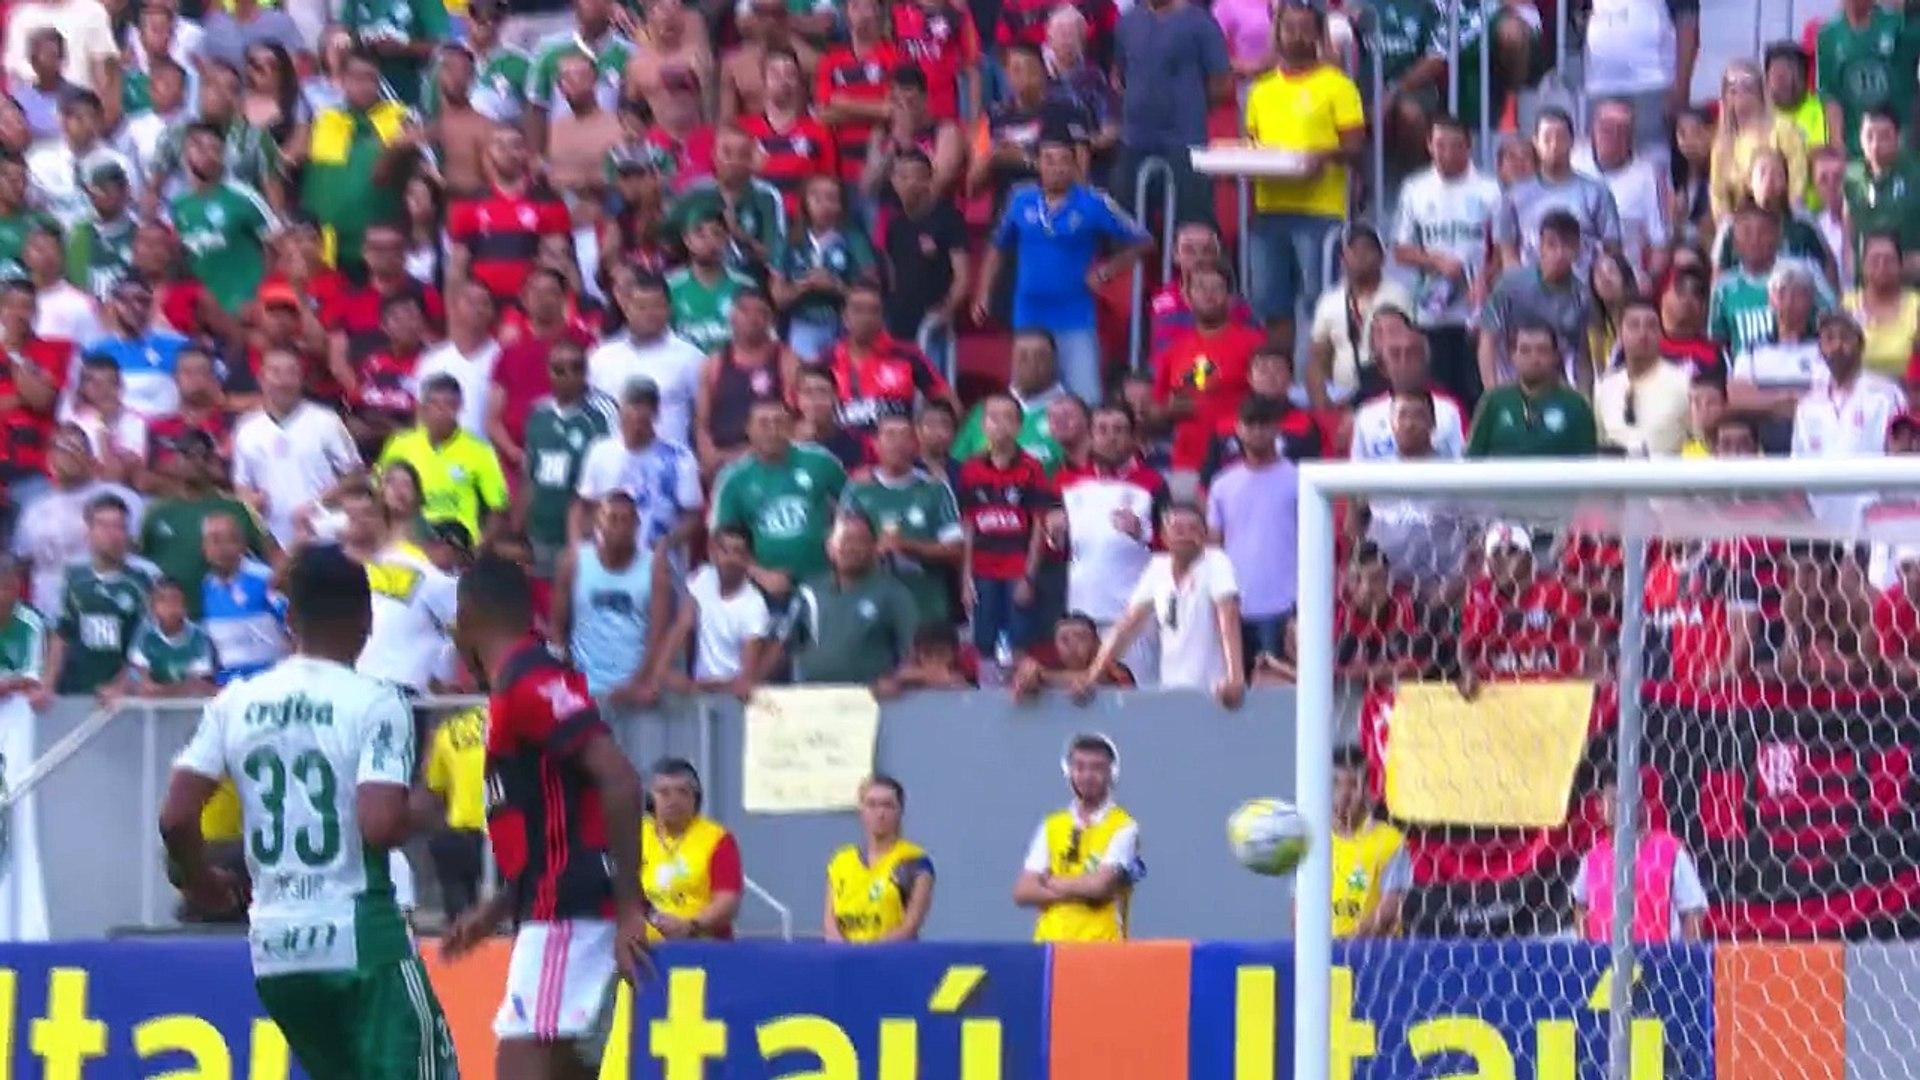 06 Rodada - Flamengo 1x2 Palmeiras (Campeonato Brasileiro 2016)